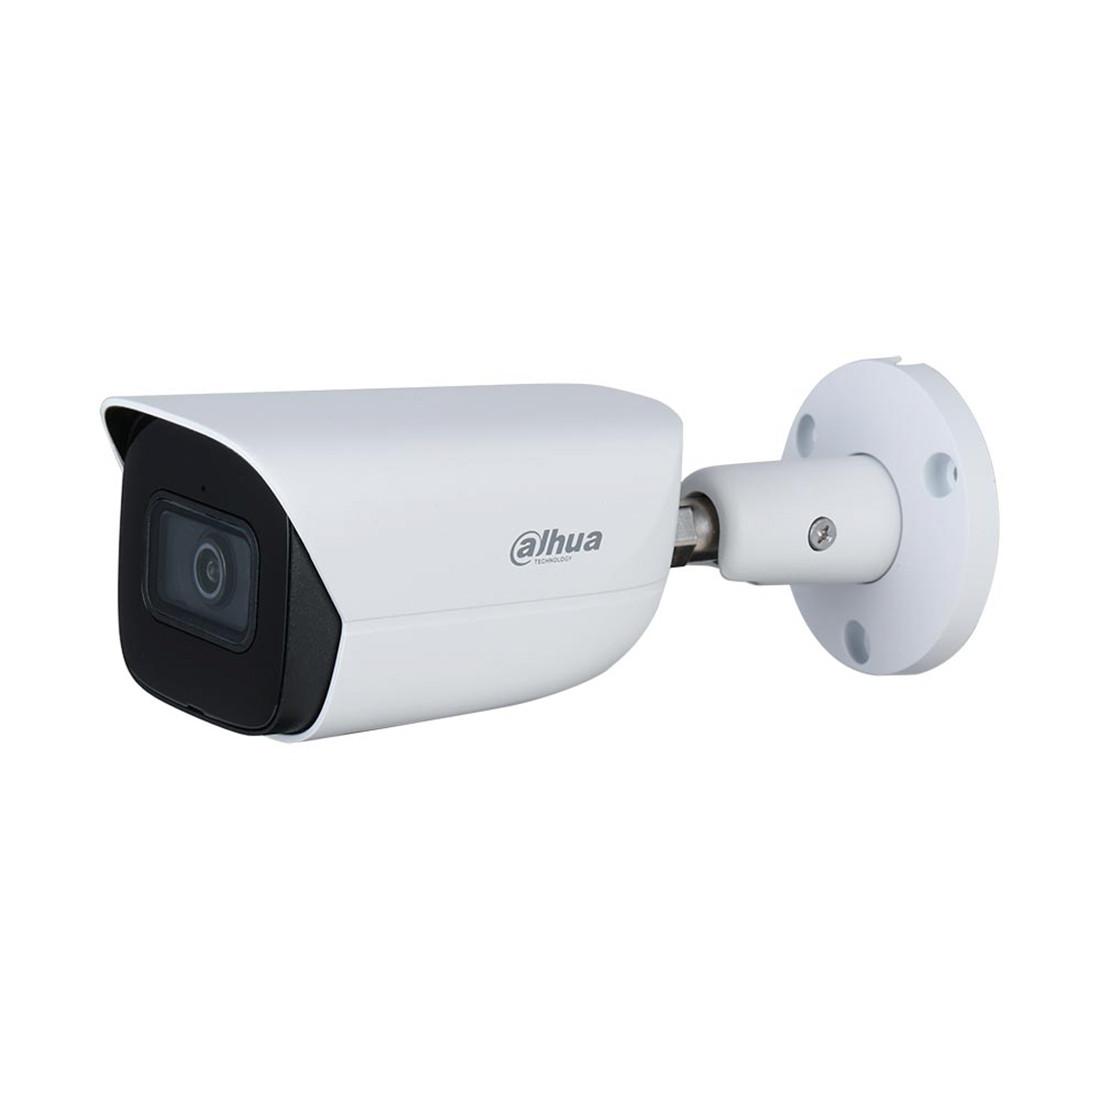 Dahua DH-IPC-HFW3241EP-SA-0280B Цилиндрическая видеокамера 2.0 МП, PoE+ (802.3af) Функция день/ночь